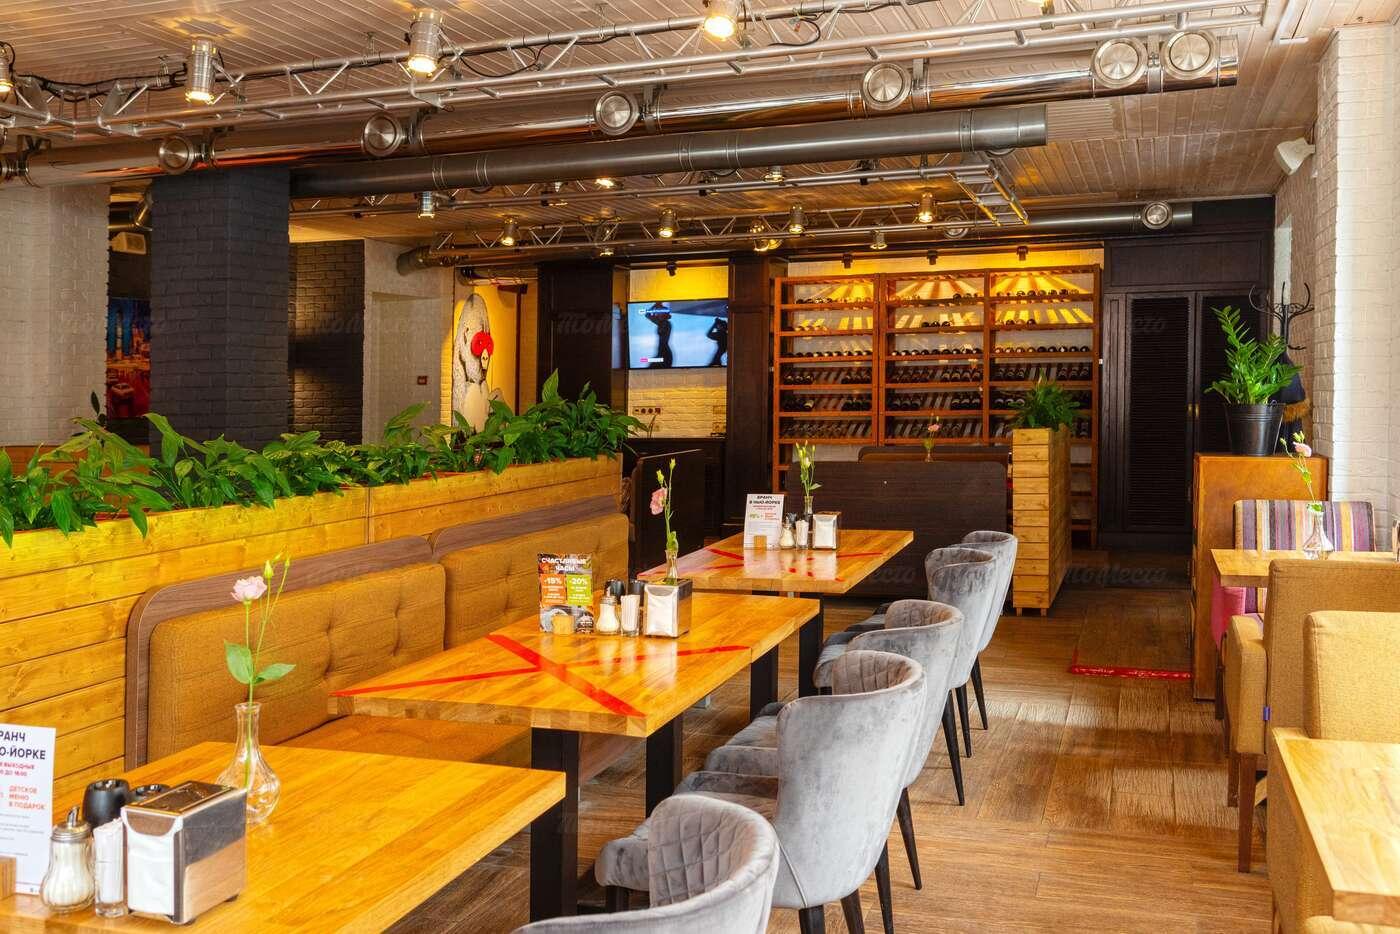 Банкеты ресторана Нью-Йорк пицца и гриль на Суворовской улице фото 13